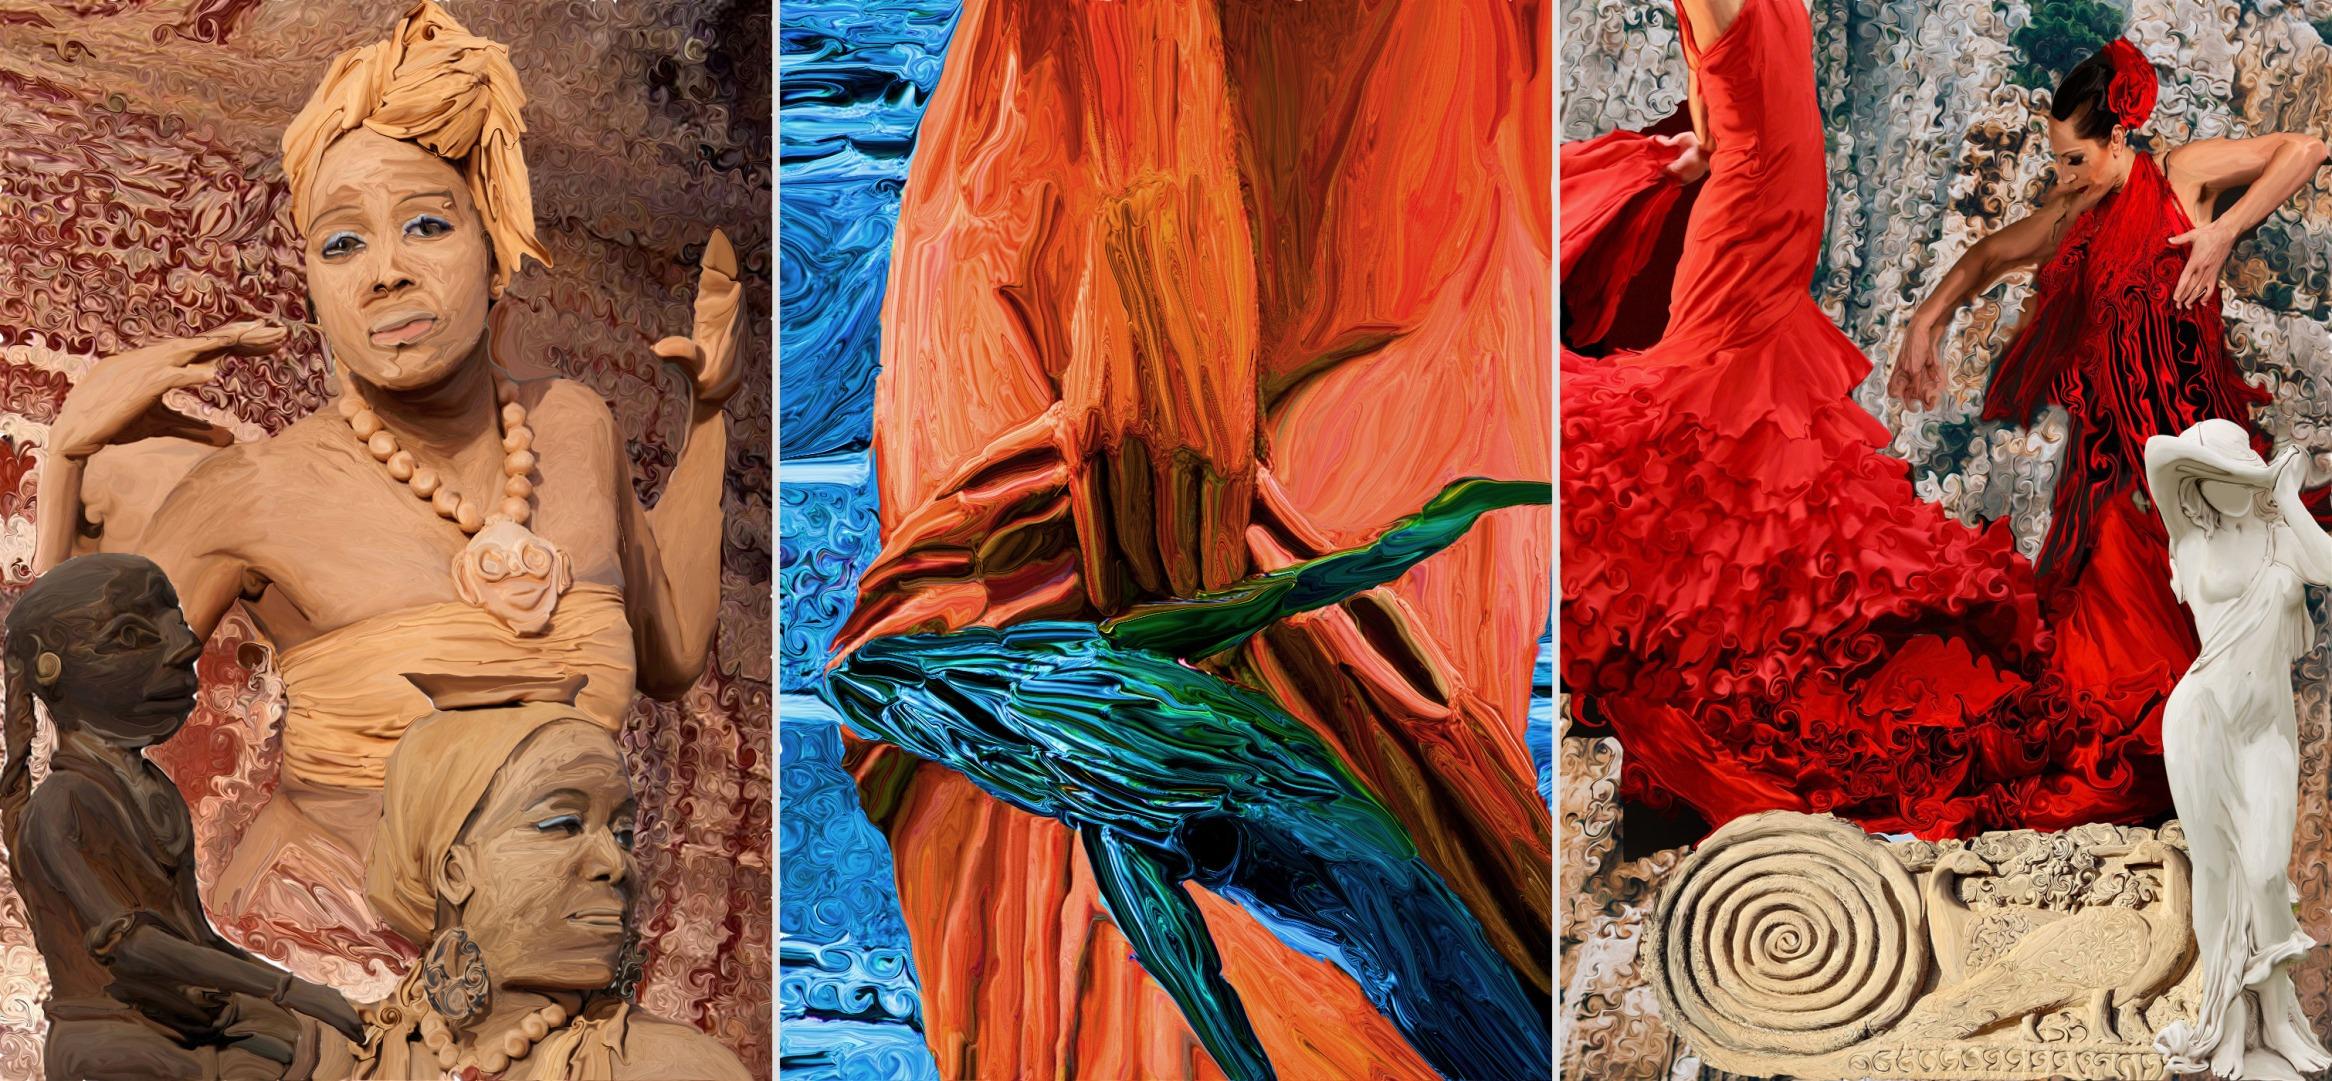 Anmol Mathur – A Talented Indian Artist Creating Fluid Digital Art